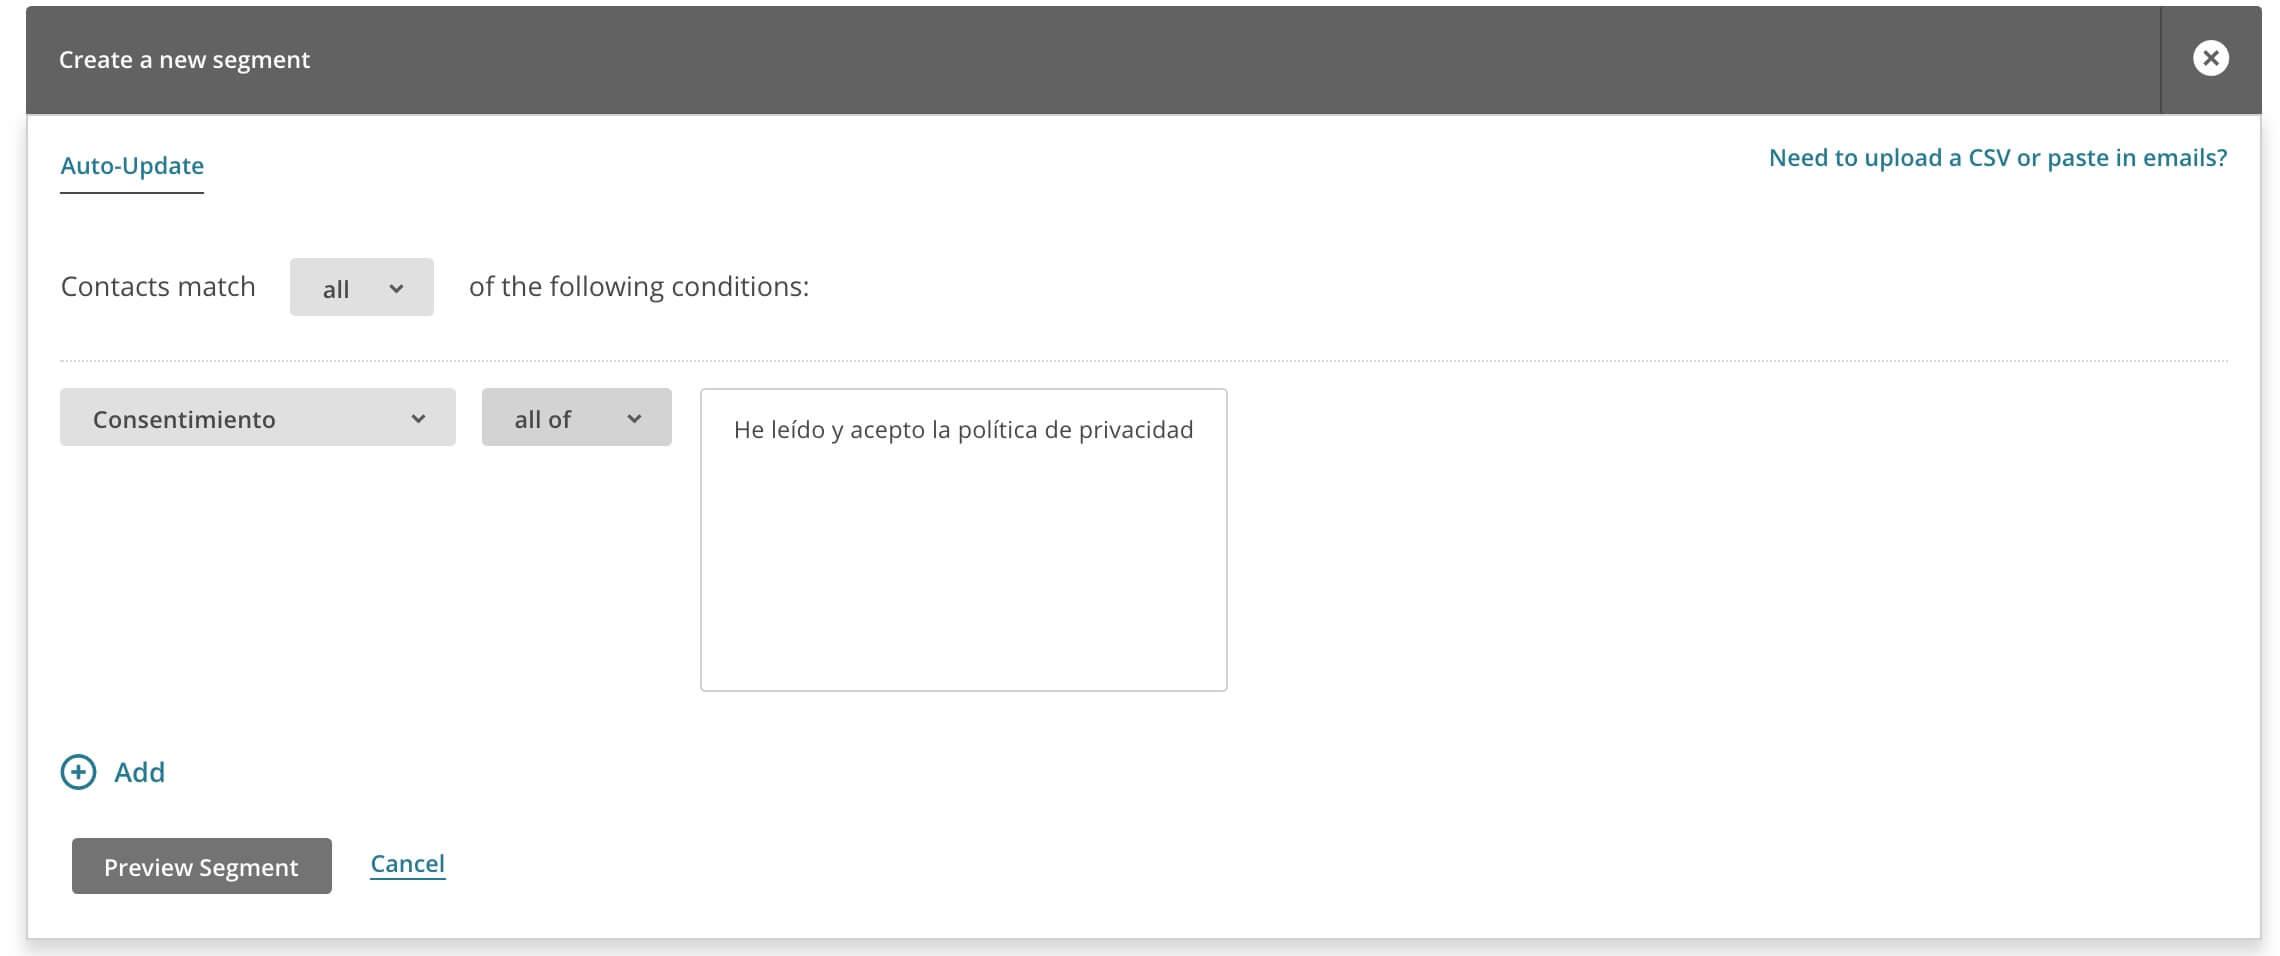 mailchimp-segmento-2 Cómo usar MailChimp y WordPress para hacer una newsletter (y cumplir el RGPD)